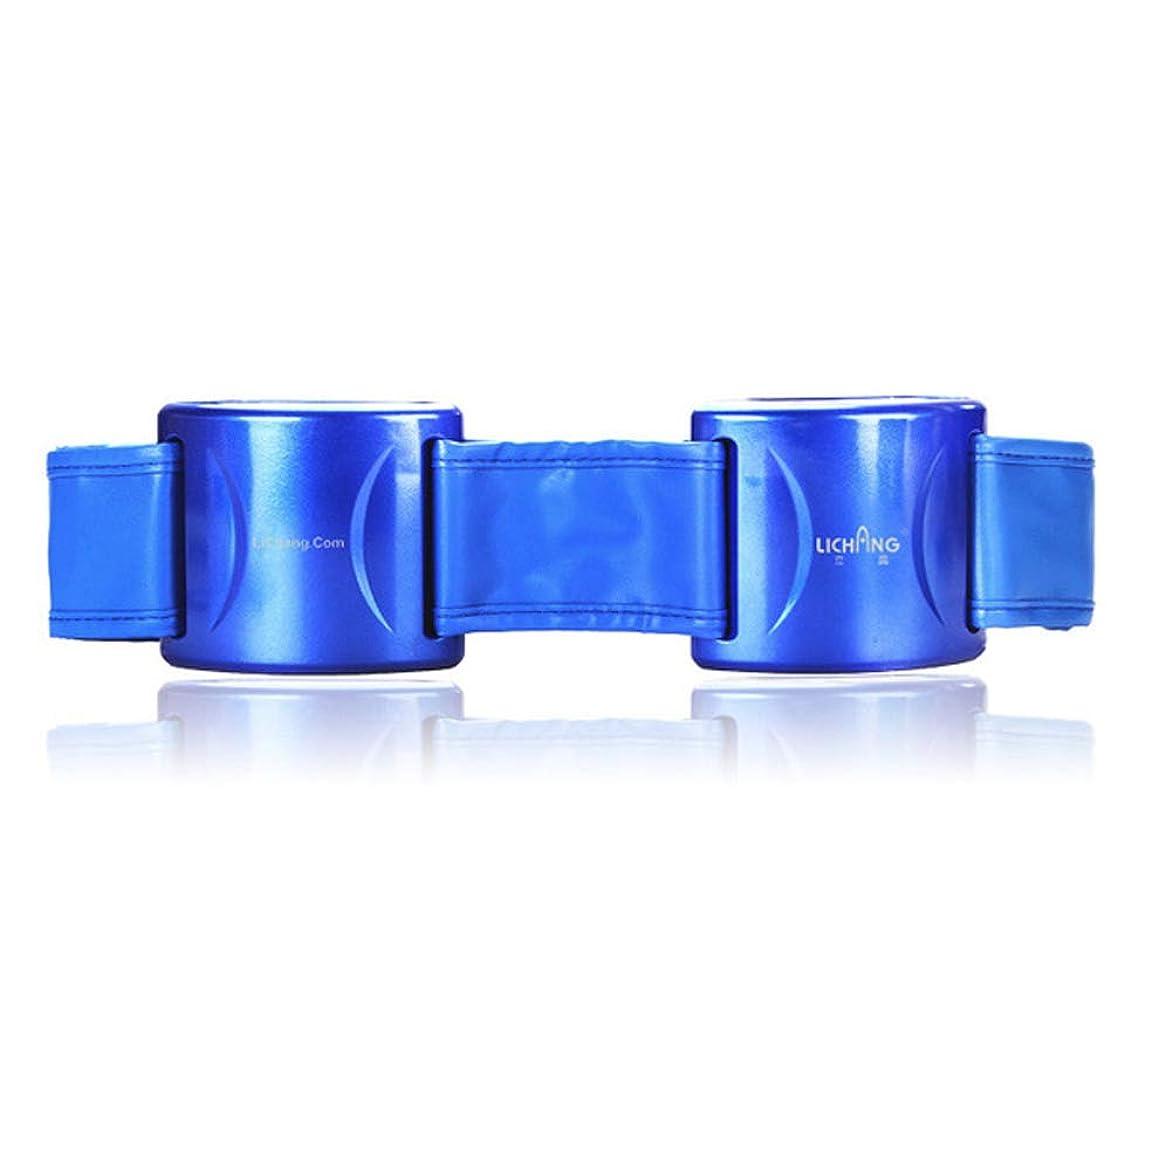 特定の協会ブッシュ多機能マッサージ痩身ベルトウエストトレーナーストーブ痩身腹燃焼脂肪体マッサージ機、男性と女性の痛みを軽減する腹部ベルト,Blue